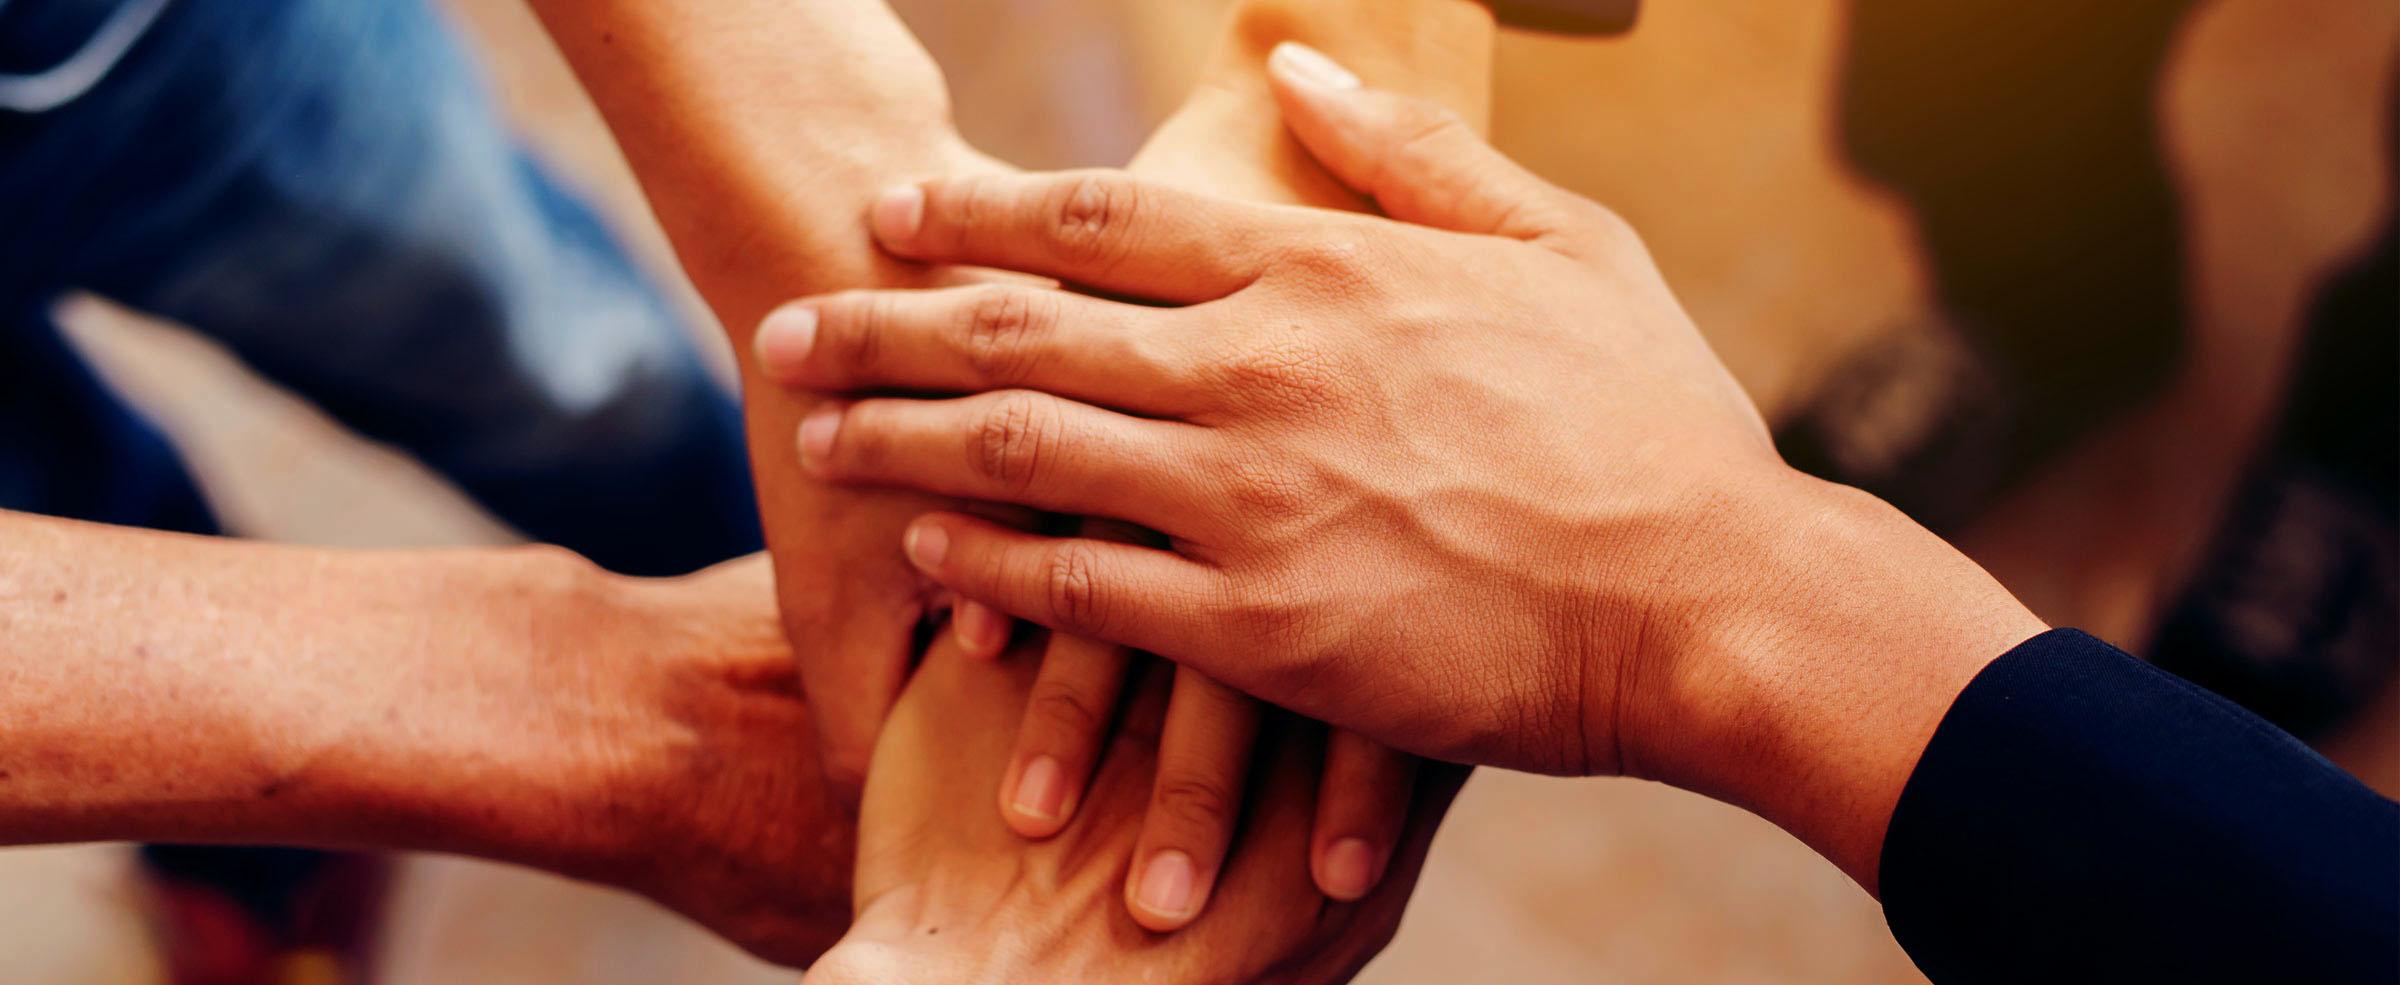 mani del personale di Vicini Spa per un miglior servizio al cliente